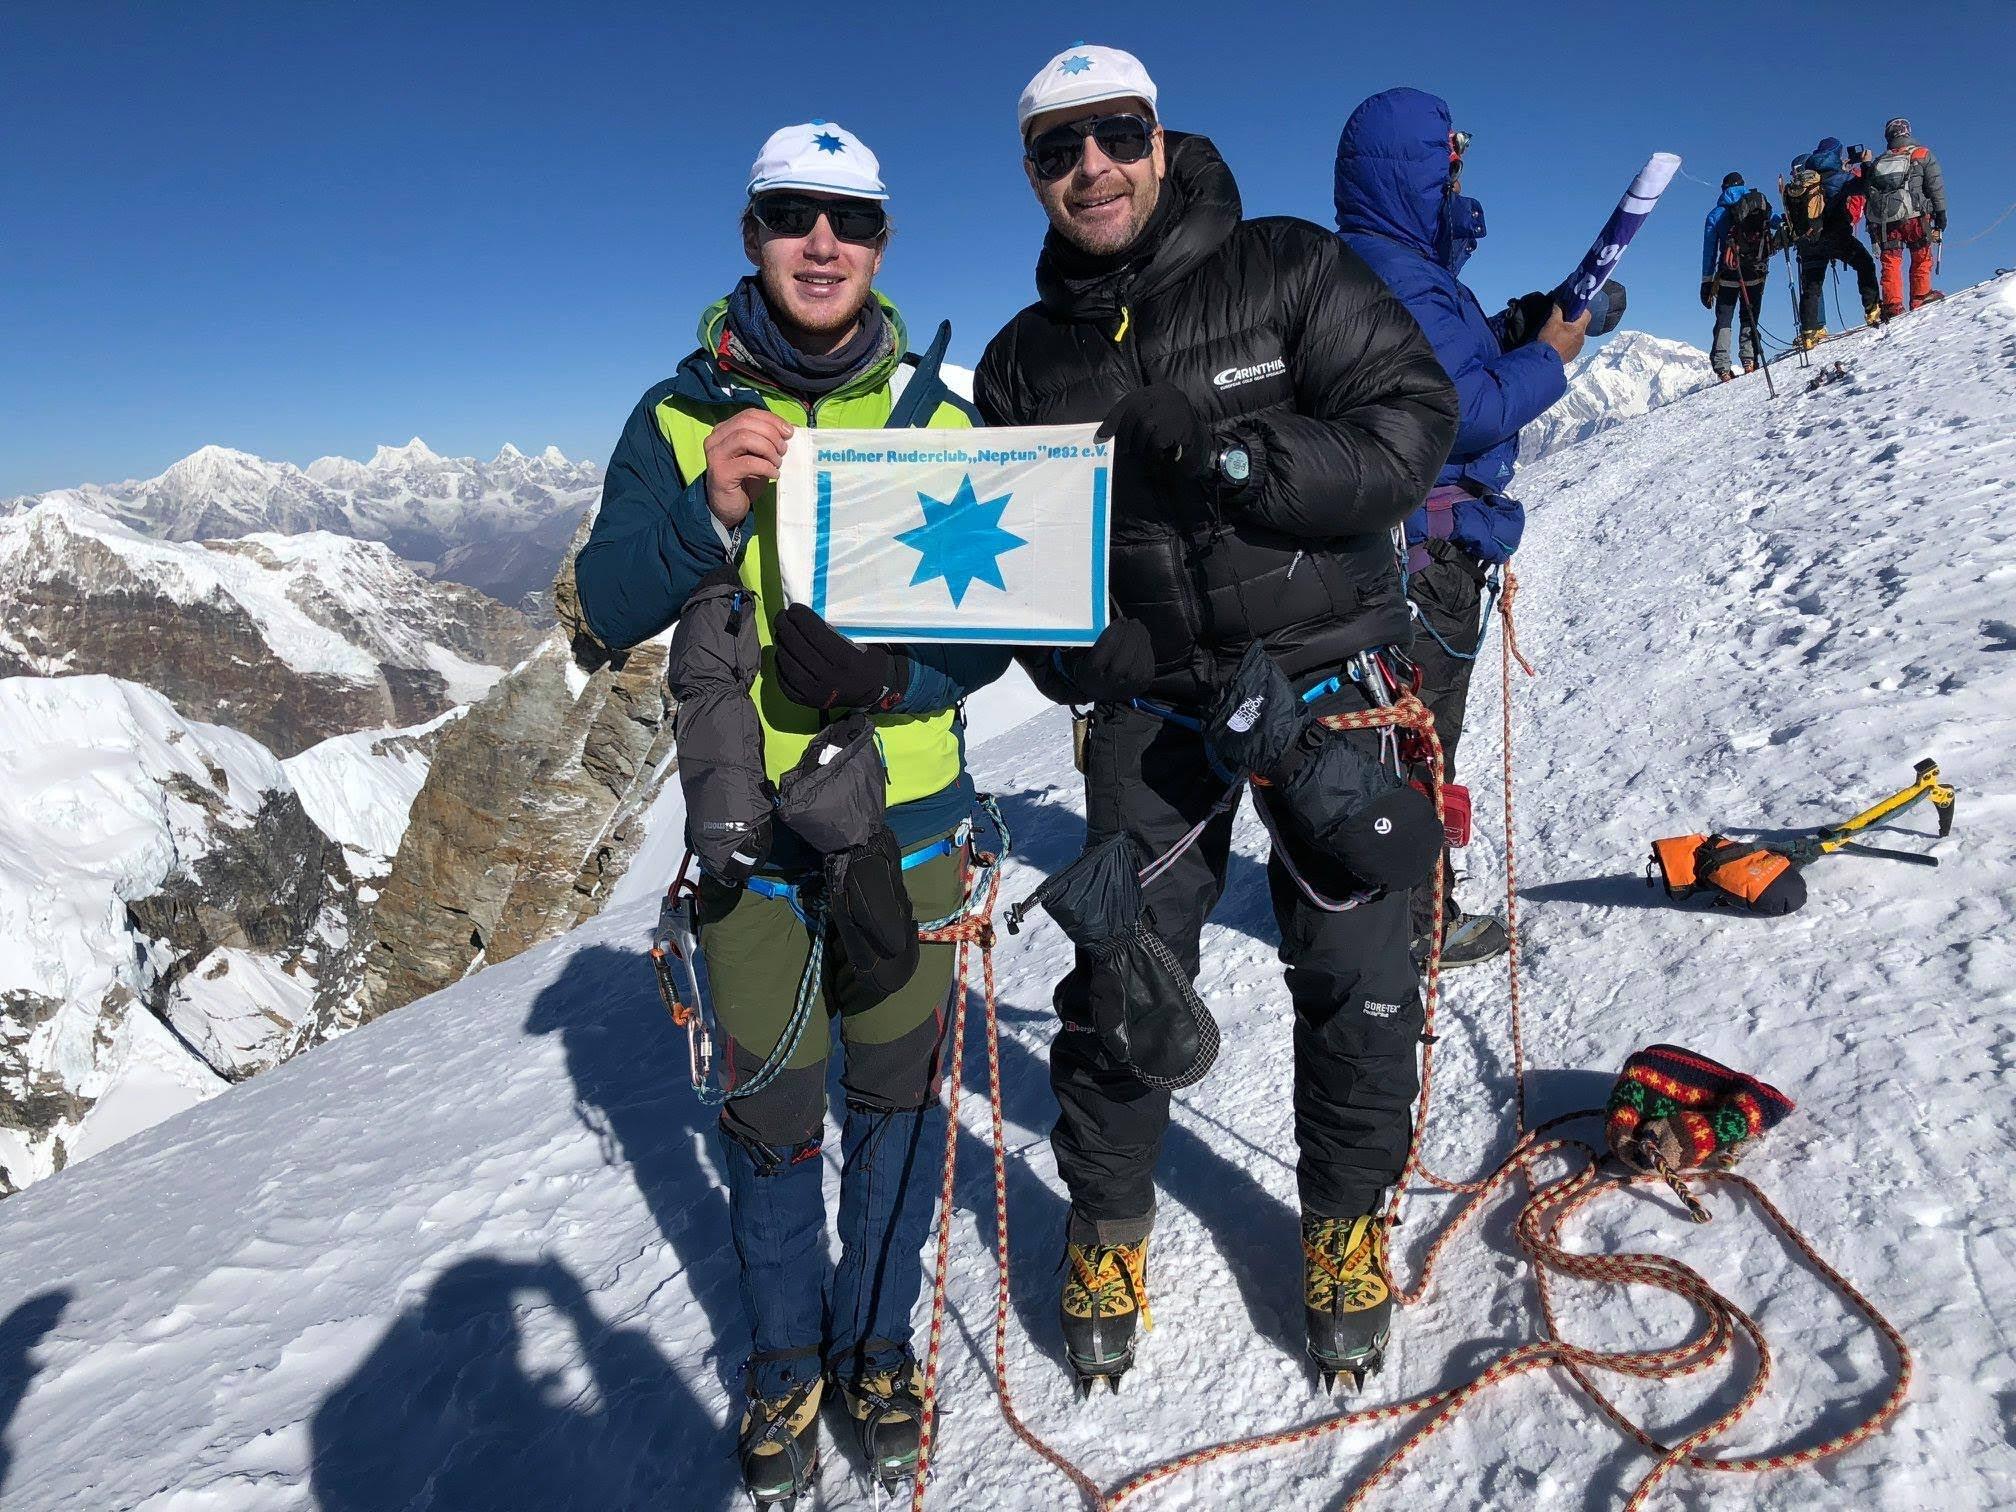 2 Meißner Ruderer am 30.10.2018 auf dem Mera Peak mit 6451 m Höhe, mit Blick auf das Dach der Welt